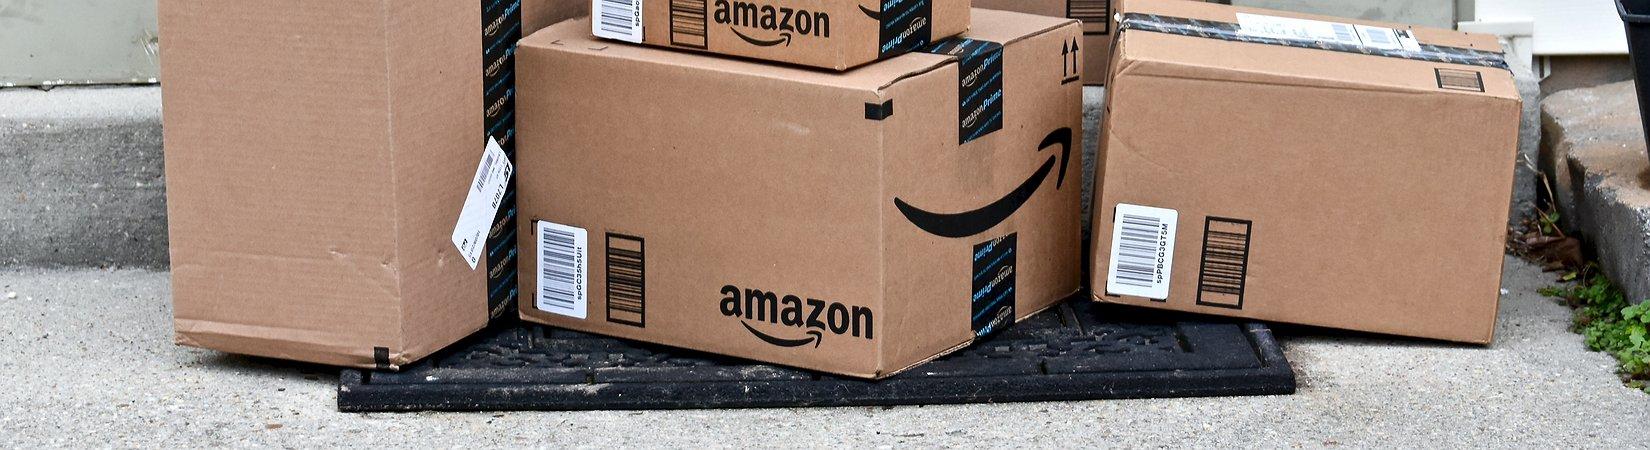 Акции Amazon впервые превысили $1000